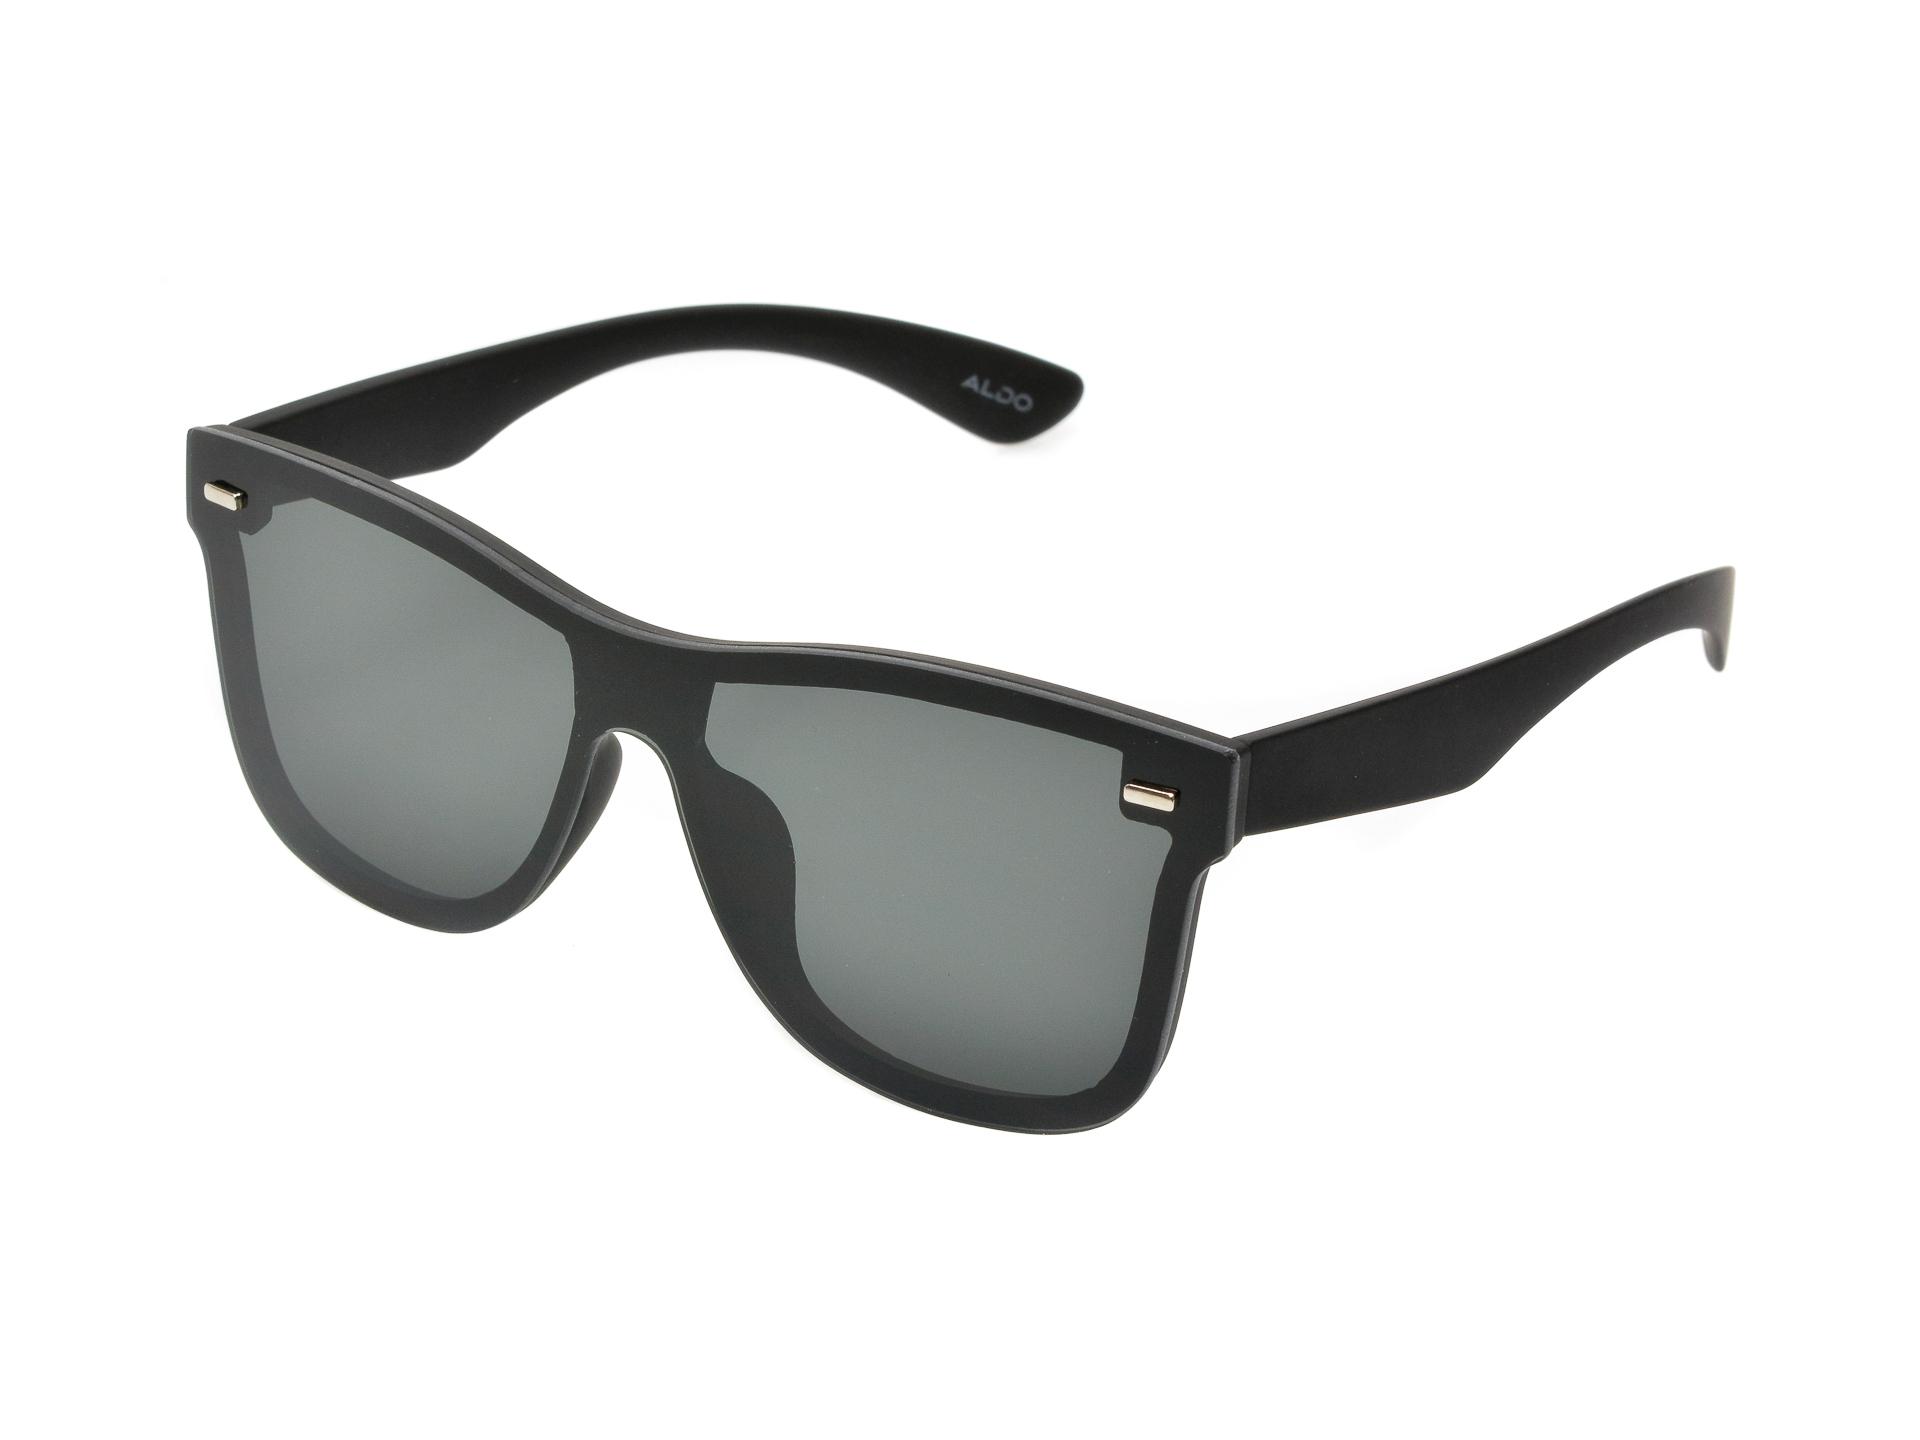 Ochelari de soare ALDO negri, 13089379, din pvc imagine otter.ro 2021